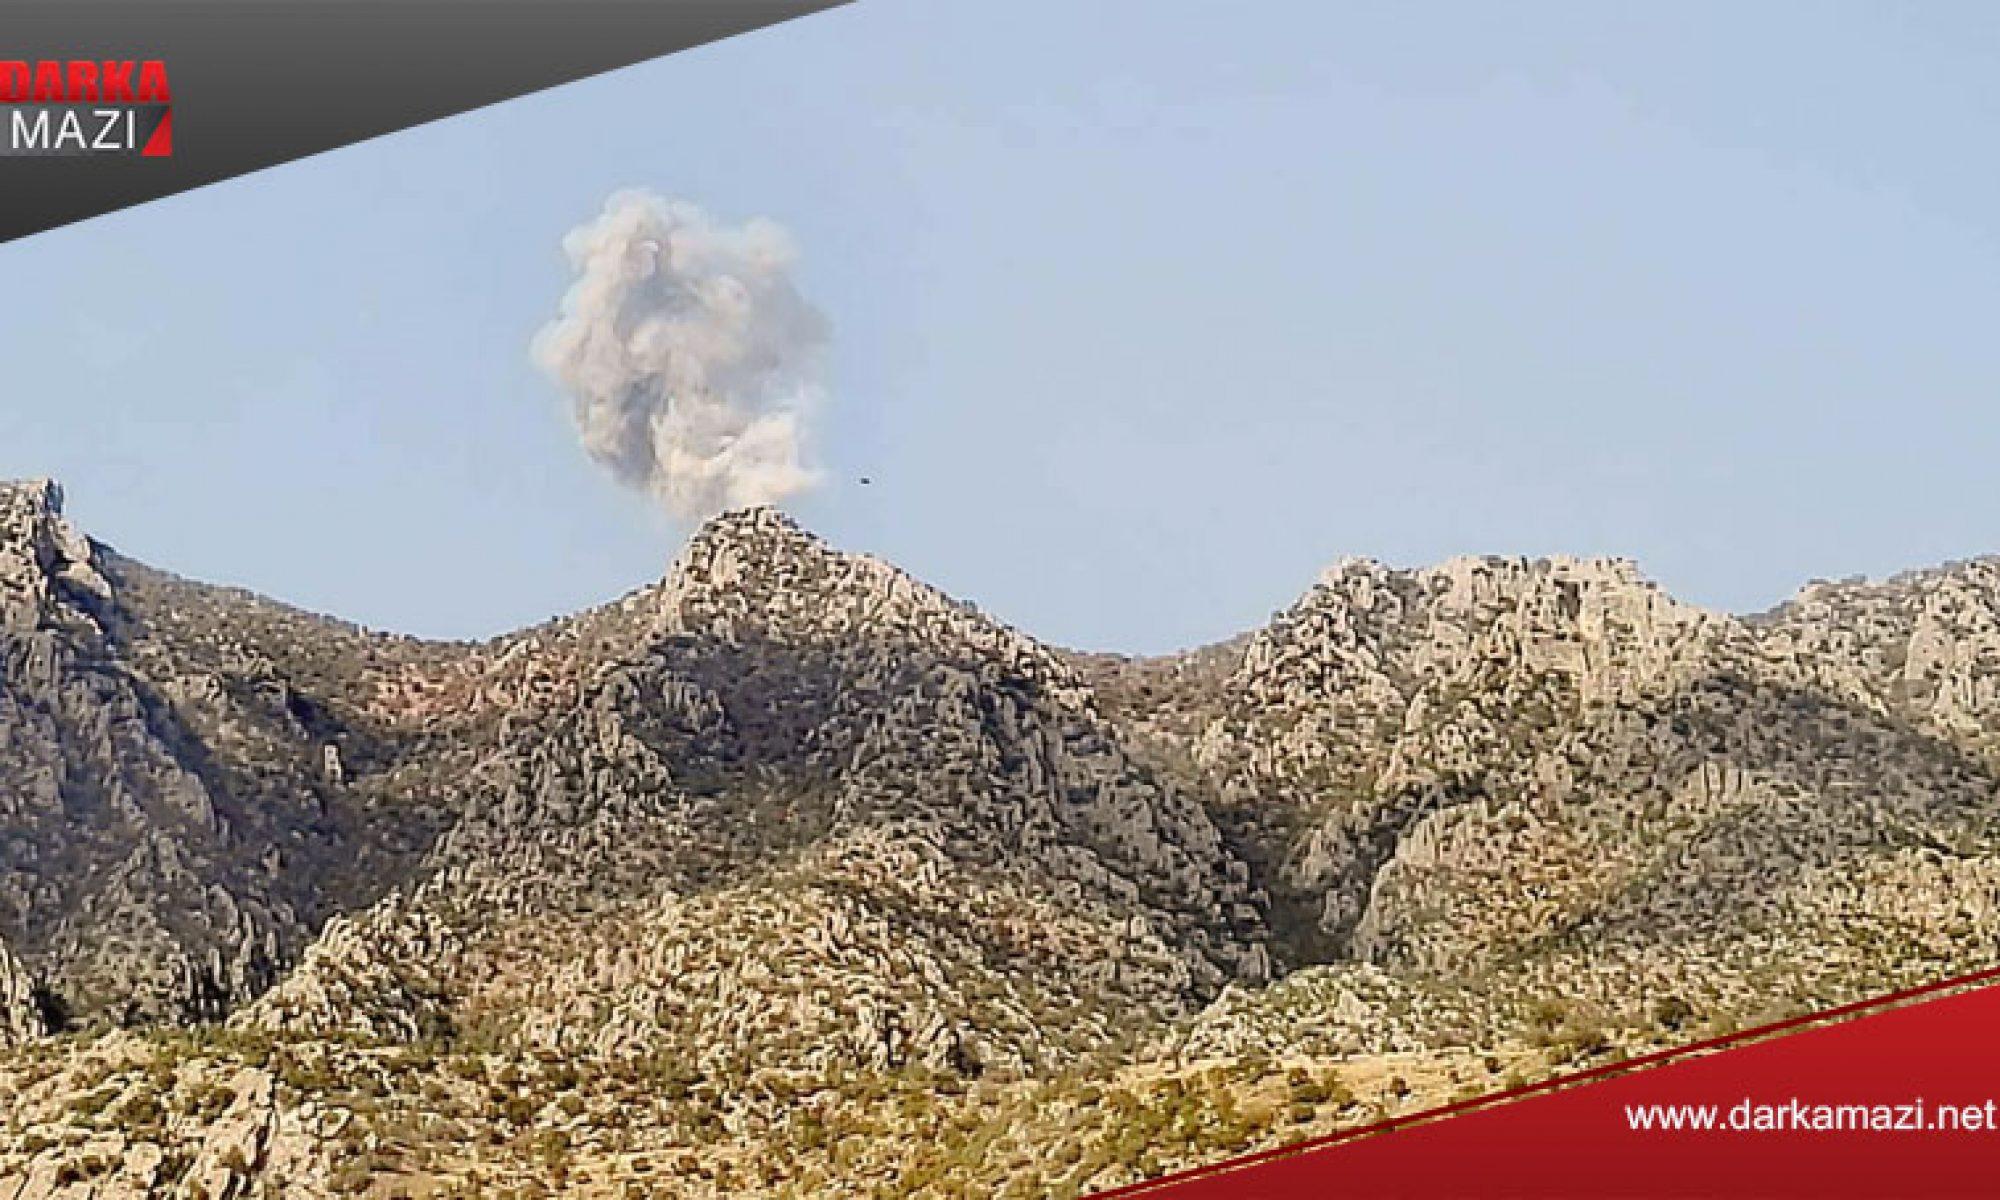 Metina dağı TSK tarafından vuruldu, iki gerilla hayatını kaybetti PKK, HPG kürdistan bölgesel yönetimi